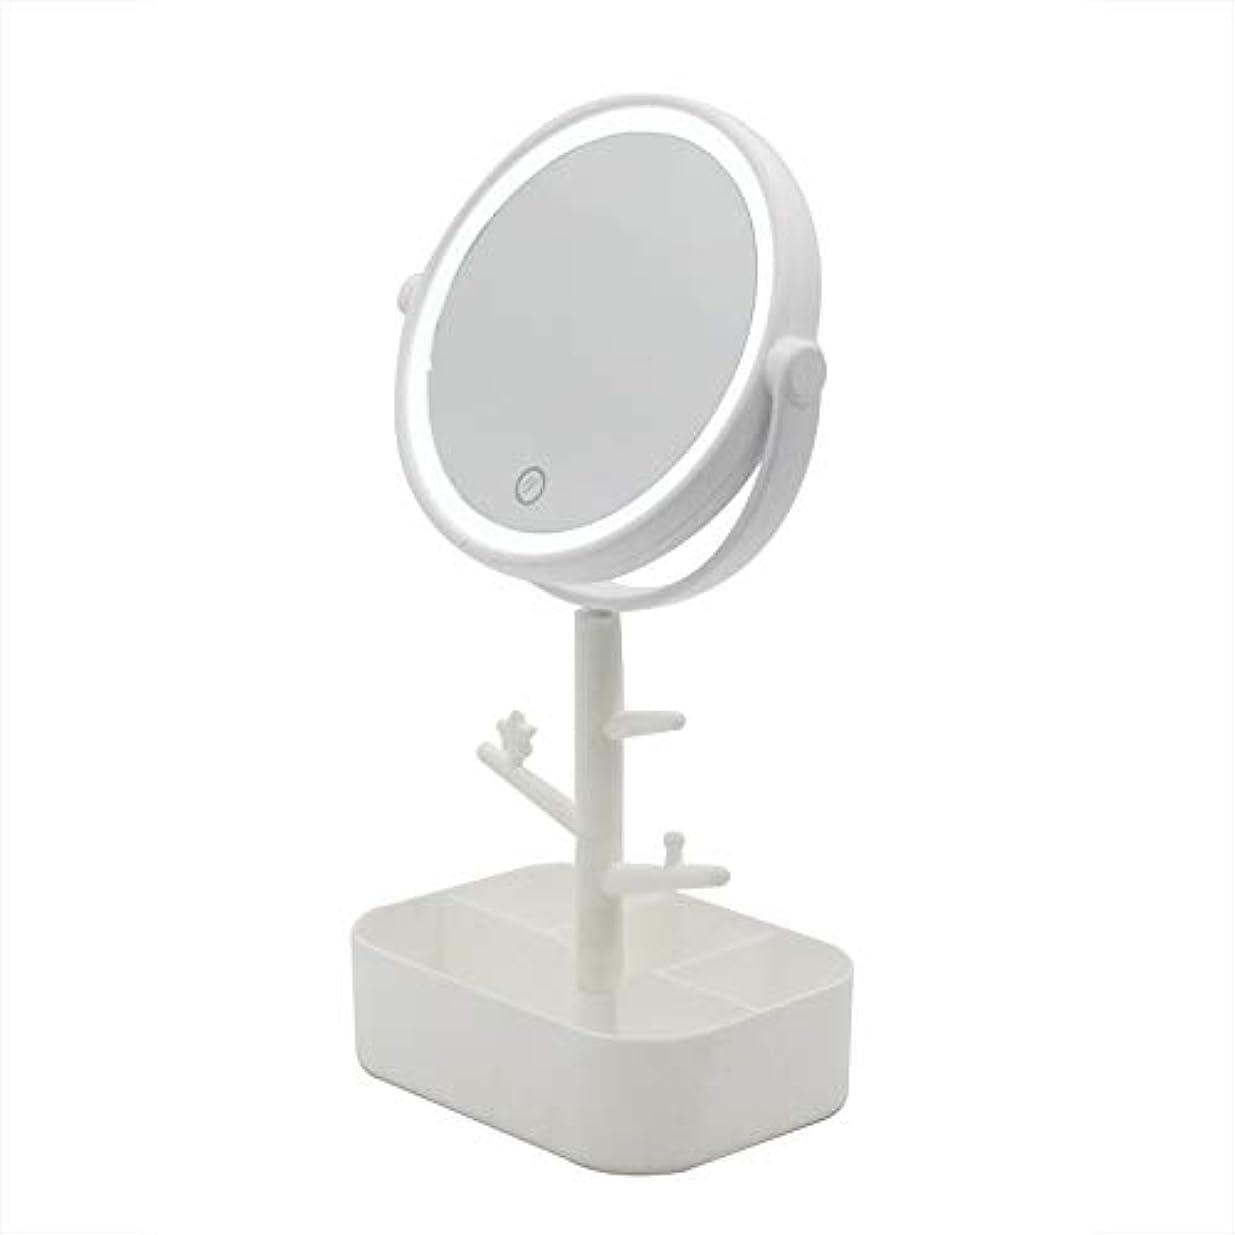 暗黙適応すぐにLecone LED化粧鏡 女優ミラー 卓上ミラー 360度調整可能 スタンドミラー LEDライト メイク 化粧道具 円型 収納ケース 可収納 USB給電 (ホワイト)